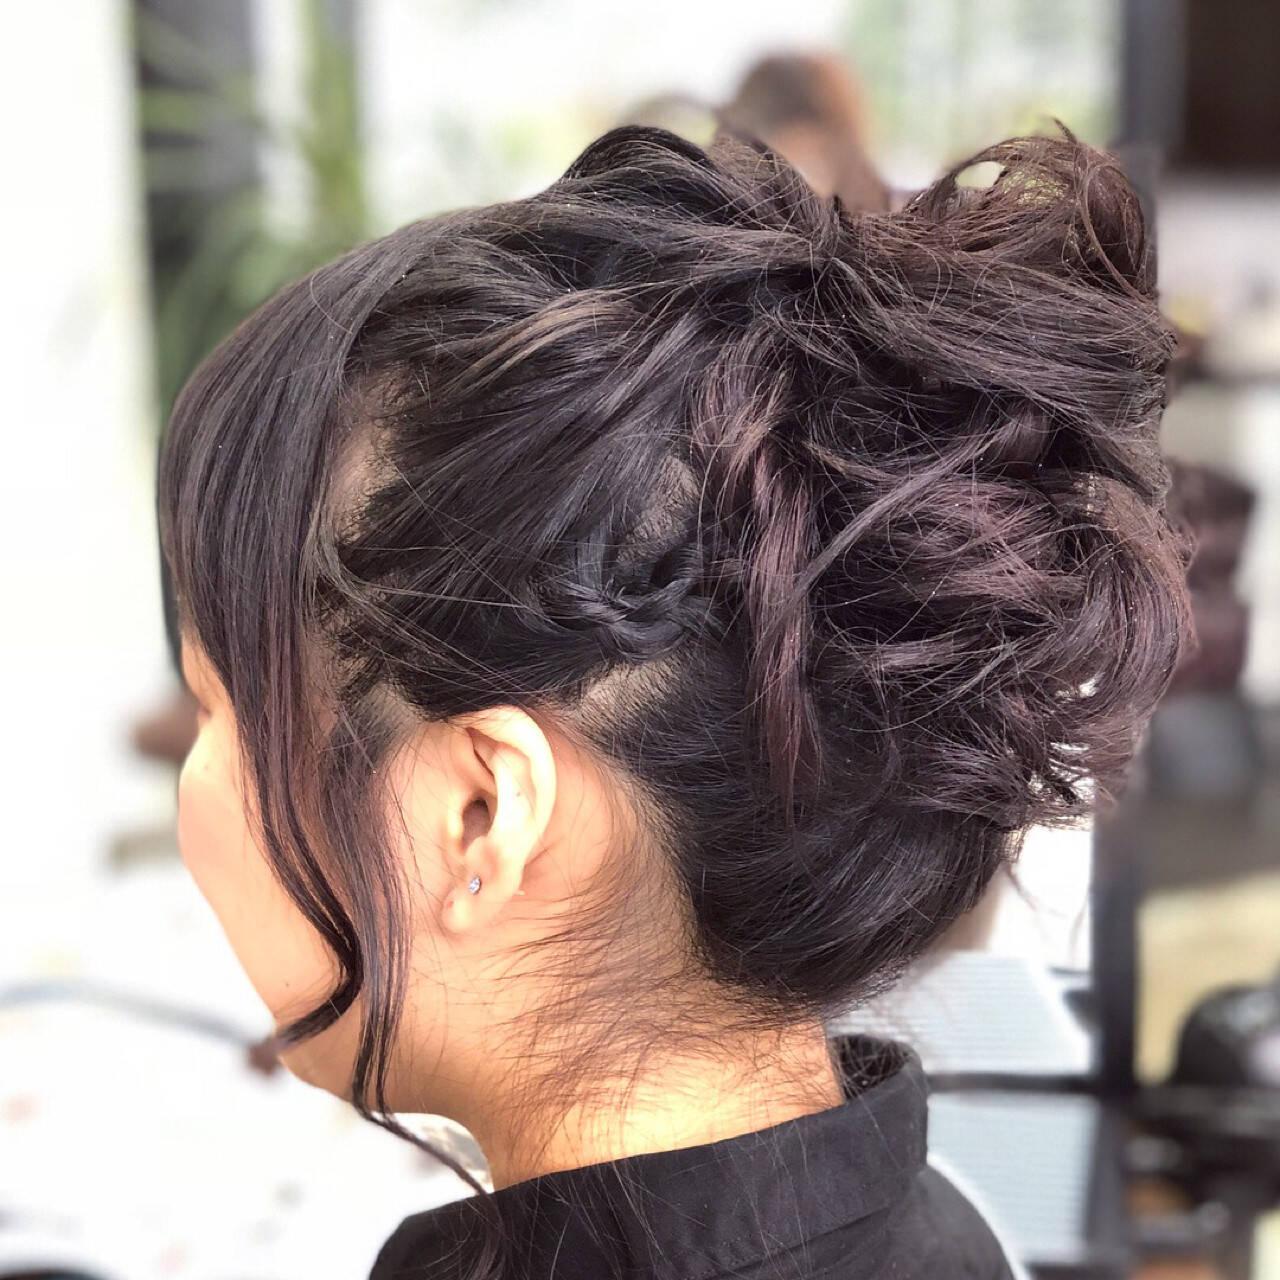 ガーリー ミディアム お団子 結婚式ヘアスタイルや髪型の写真・画像